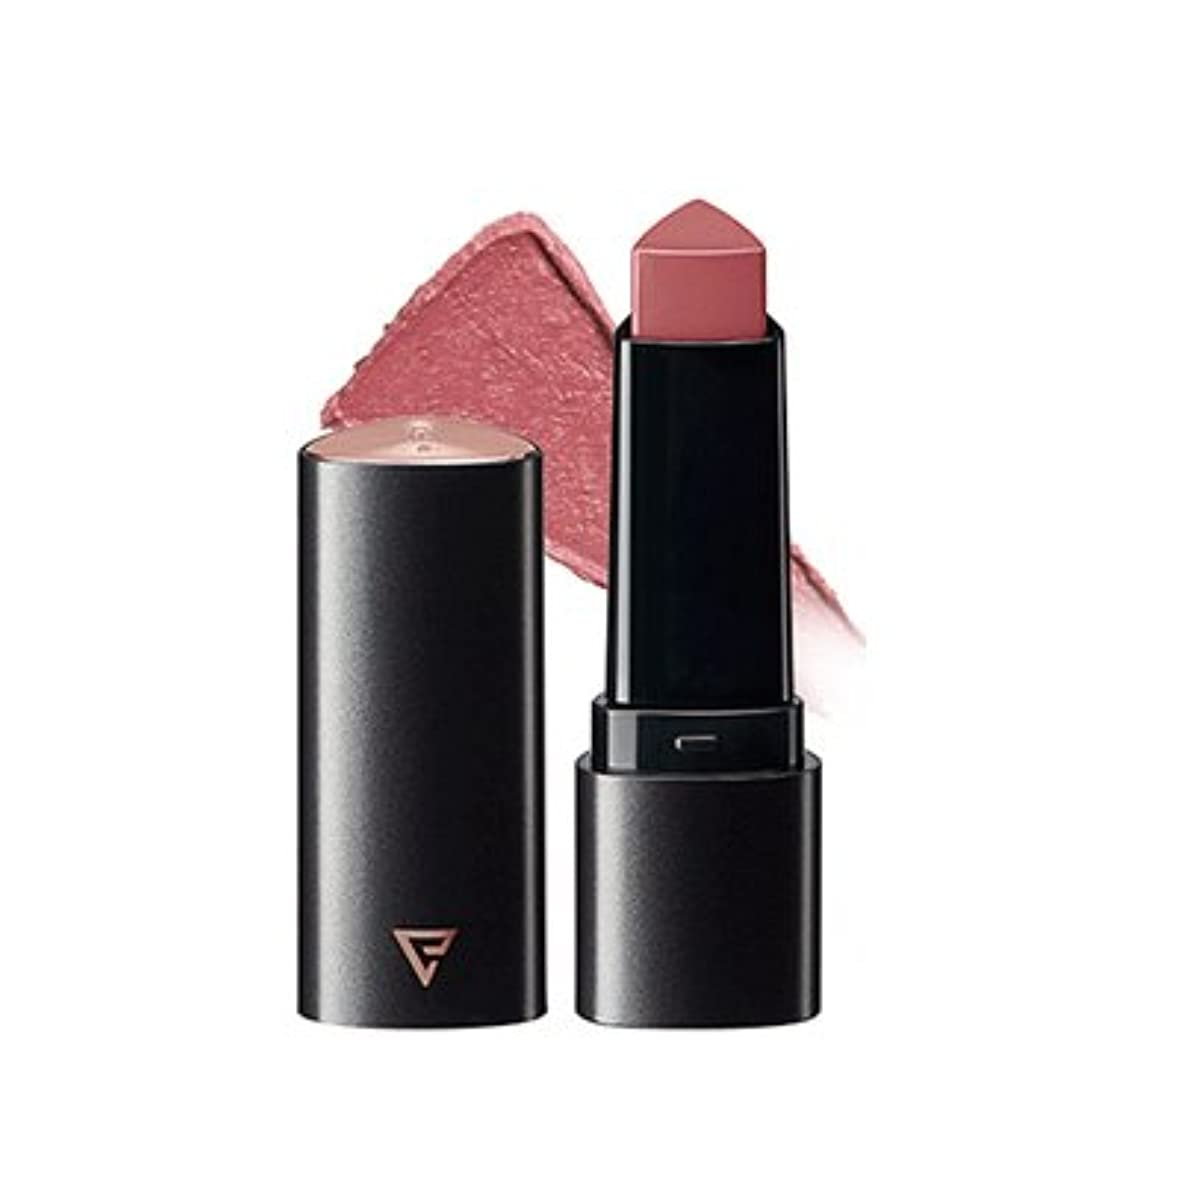 パラメータ牛シングル【The Saem】ザセムスリーエッジリップスティックベルベットフィット 2.5g 3Edge Lip Stick Velvet Fit 韓国人気コスメ (PP01-スローダウン)